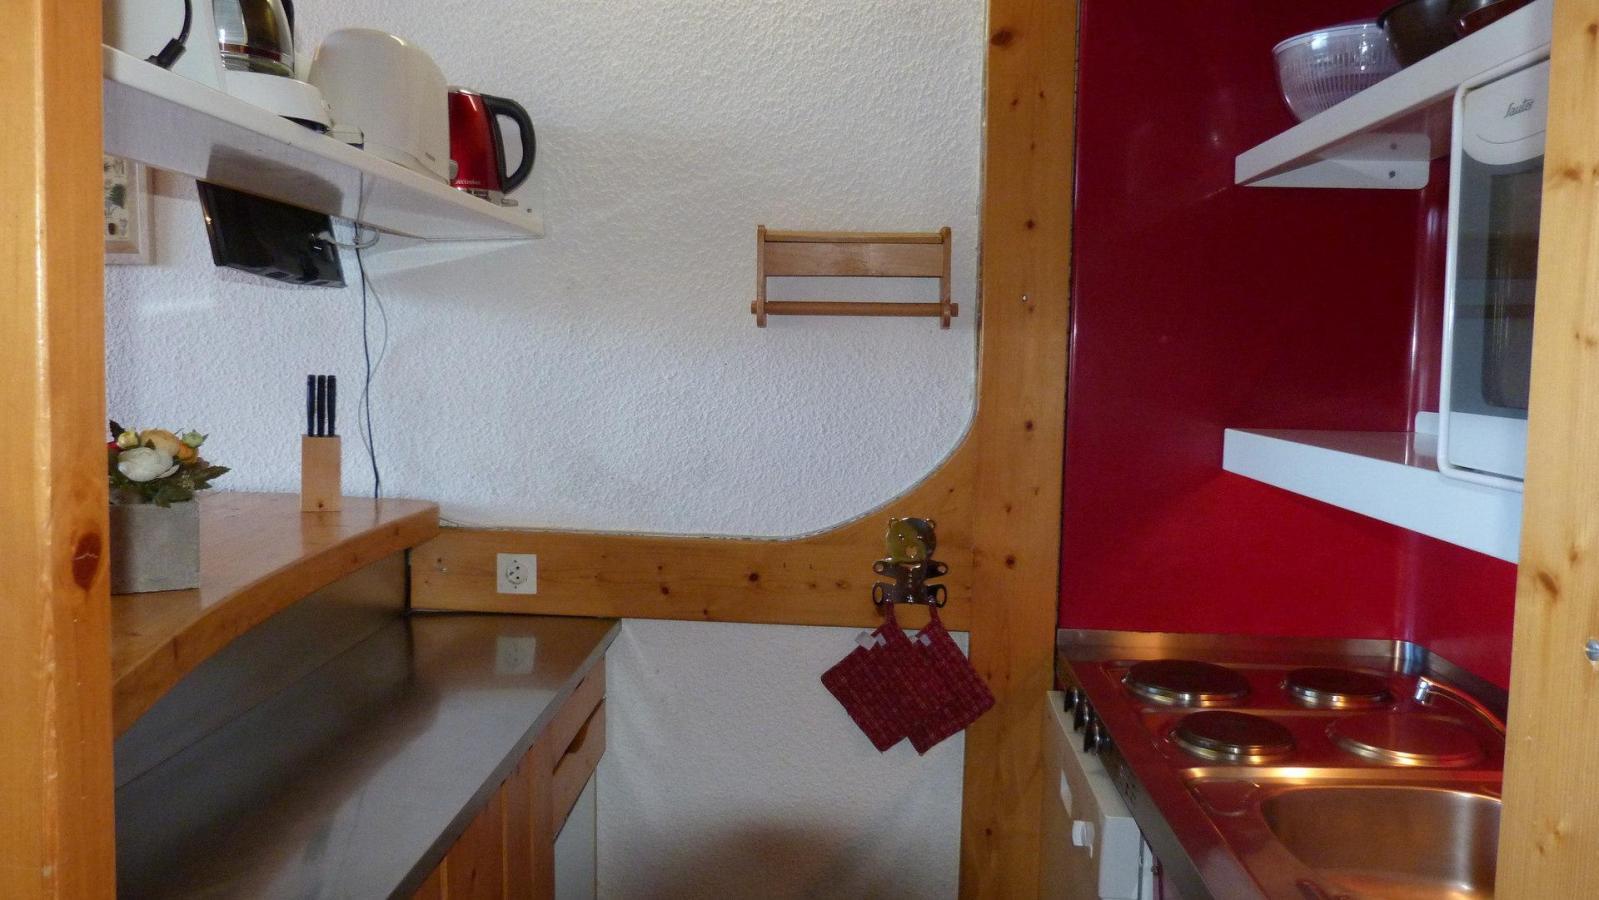 Location au ski Appartement duplex 3 pièces 6 personnes (1404) - Residence Les Tournavelles - Les Arcs - Extérieur hiver